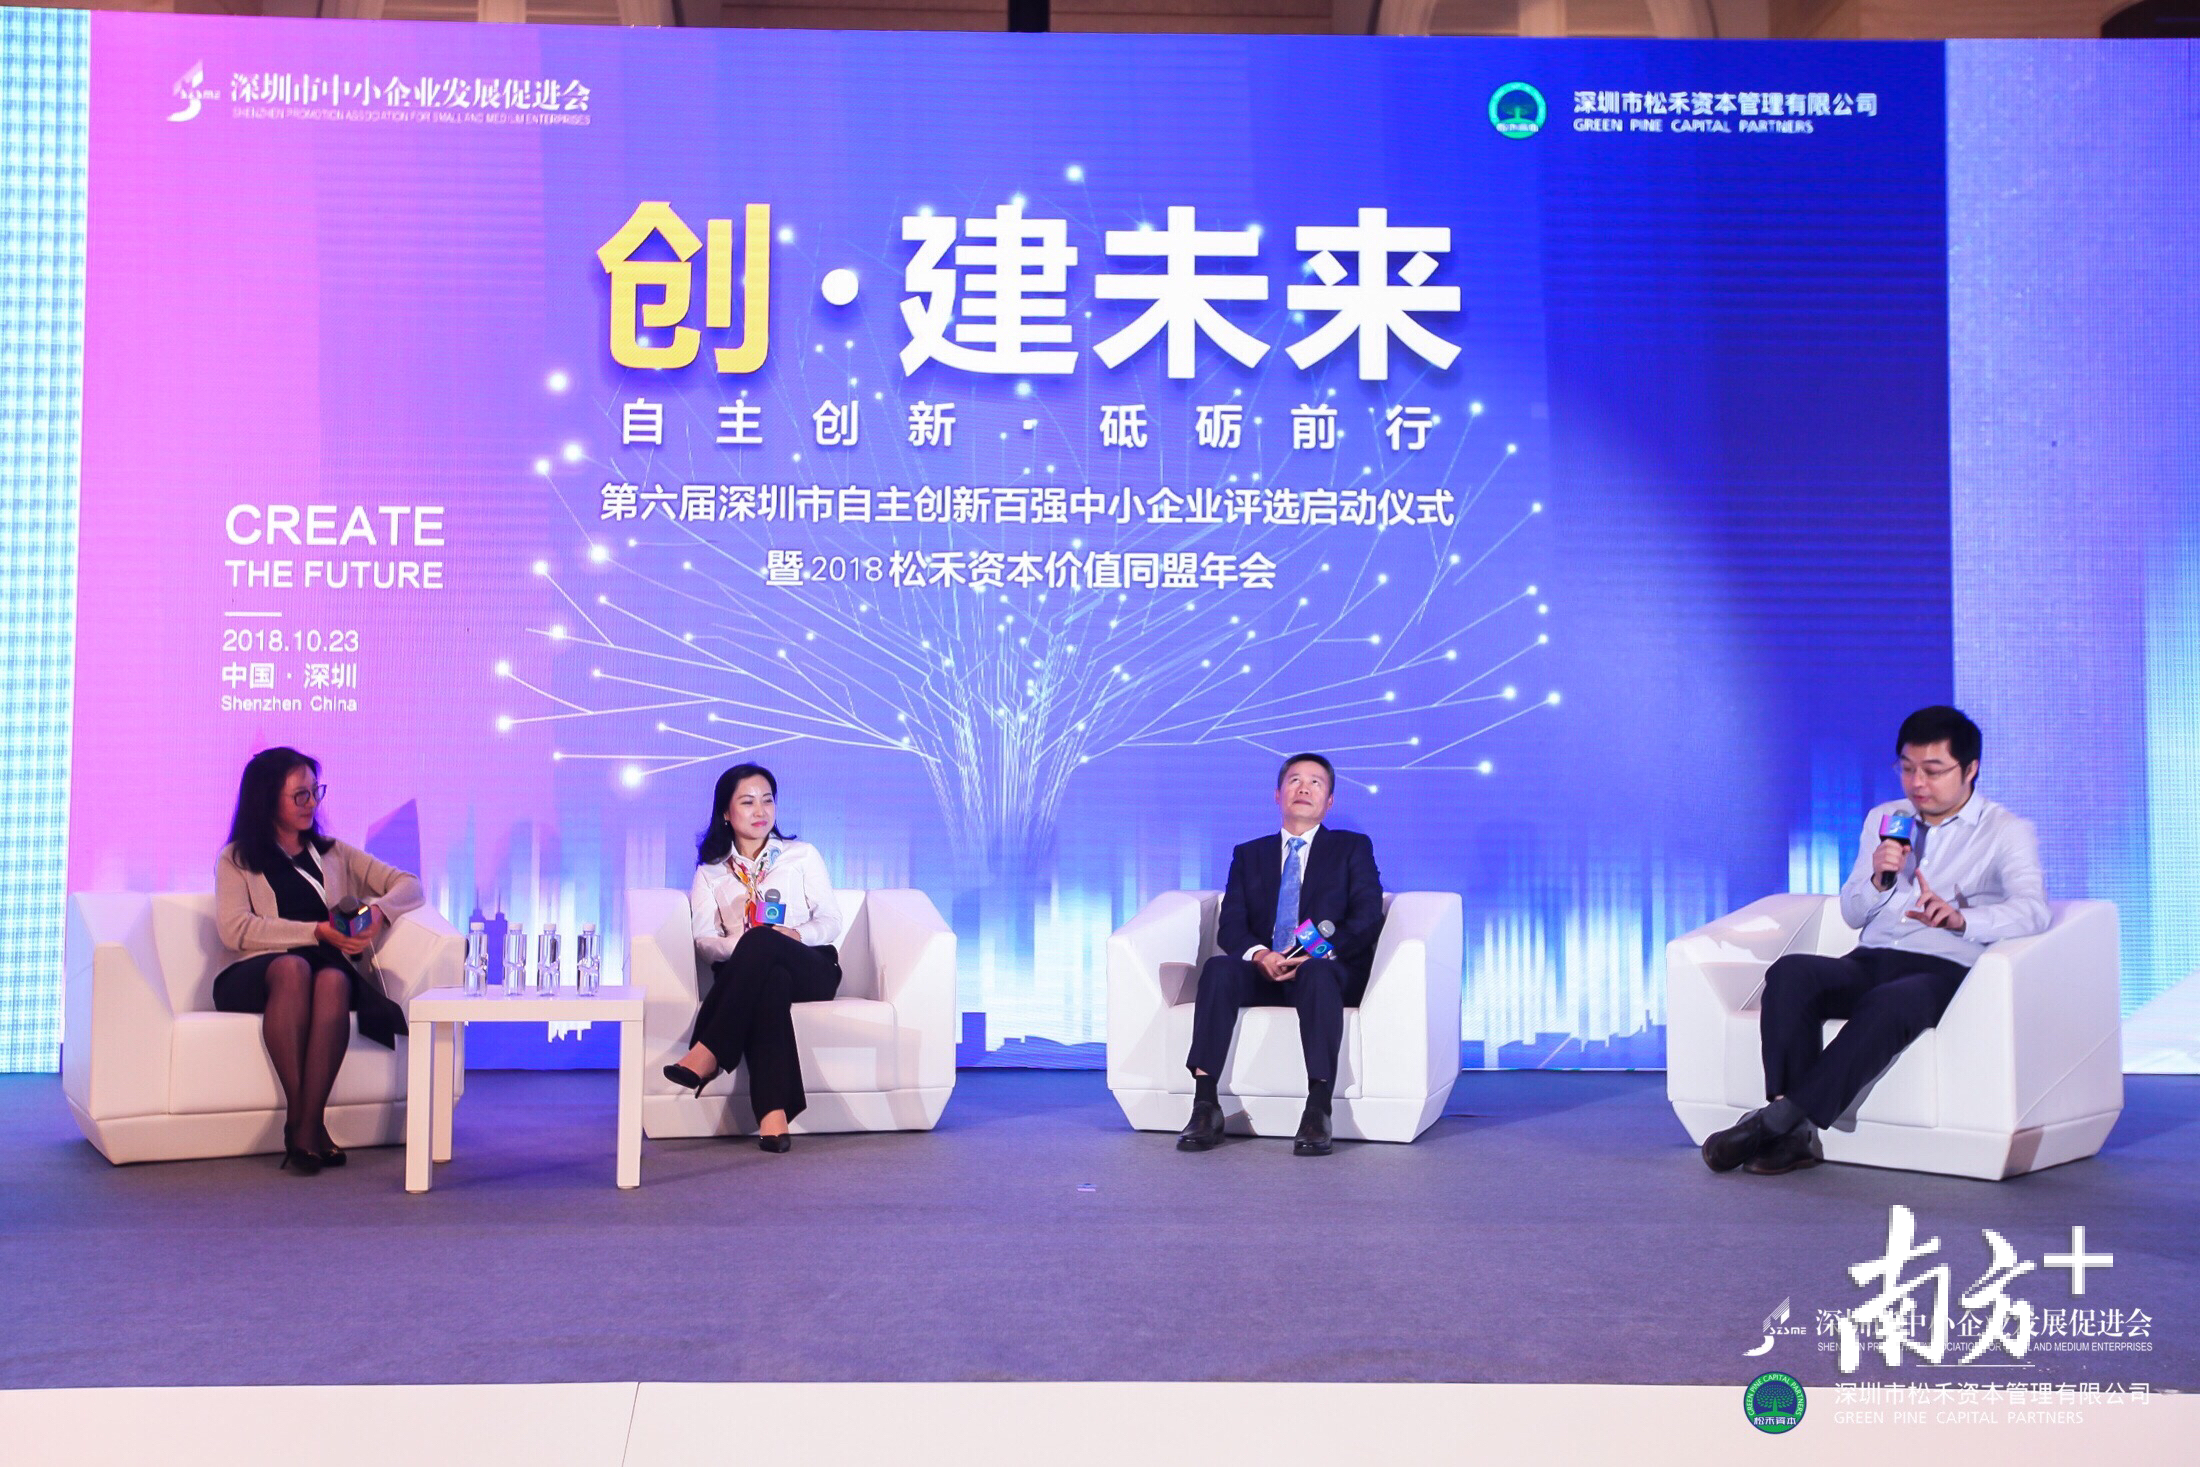 深圳今年或推出中小企业风险补偿基金,总规模近百亿元